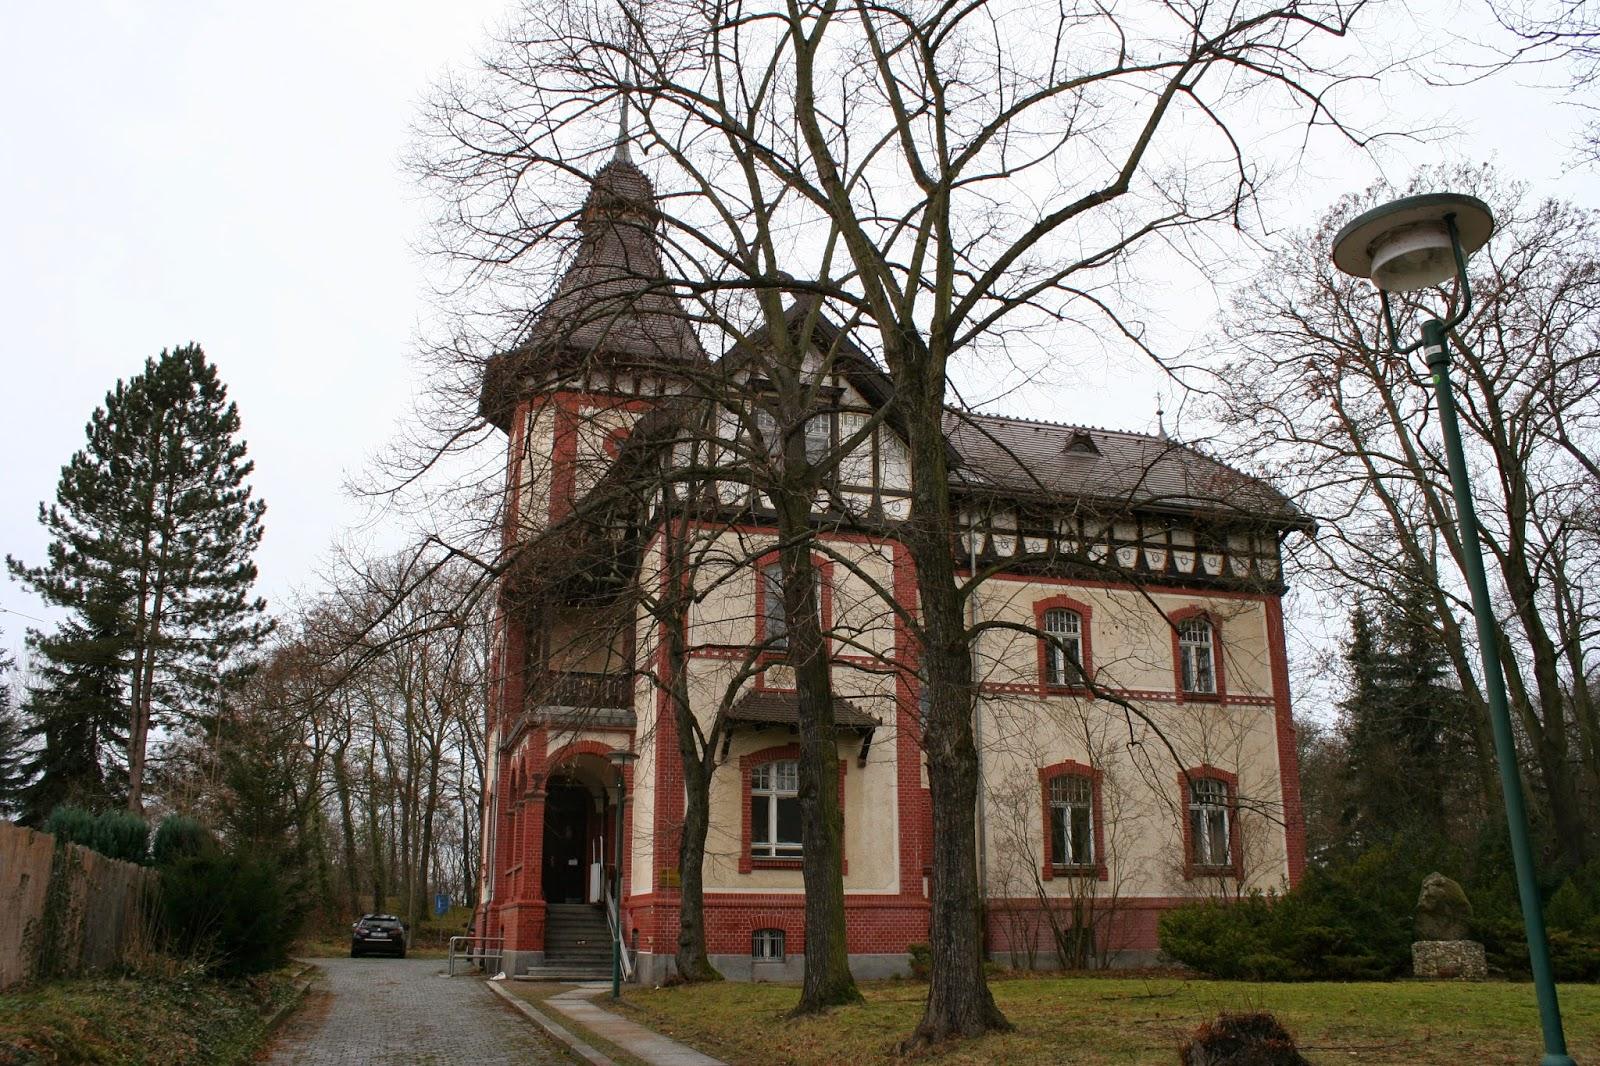 Das Rathaus Miltitz in der Geschwister-Scholl-Straße, Miltitz wurde 1999 eingemeindet und ein Ortsteil von Leipzig